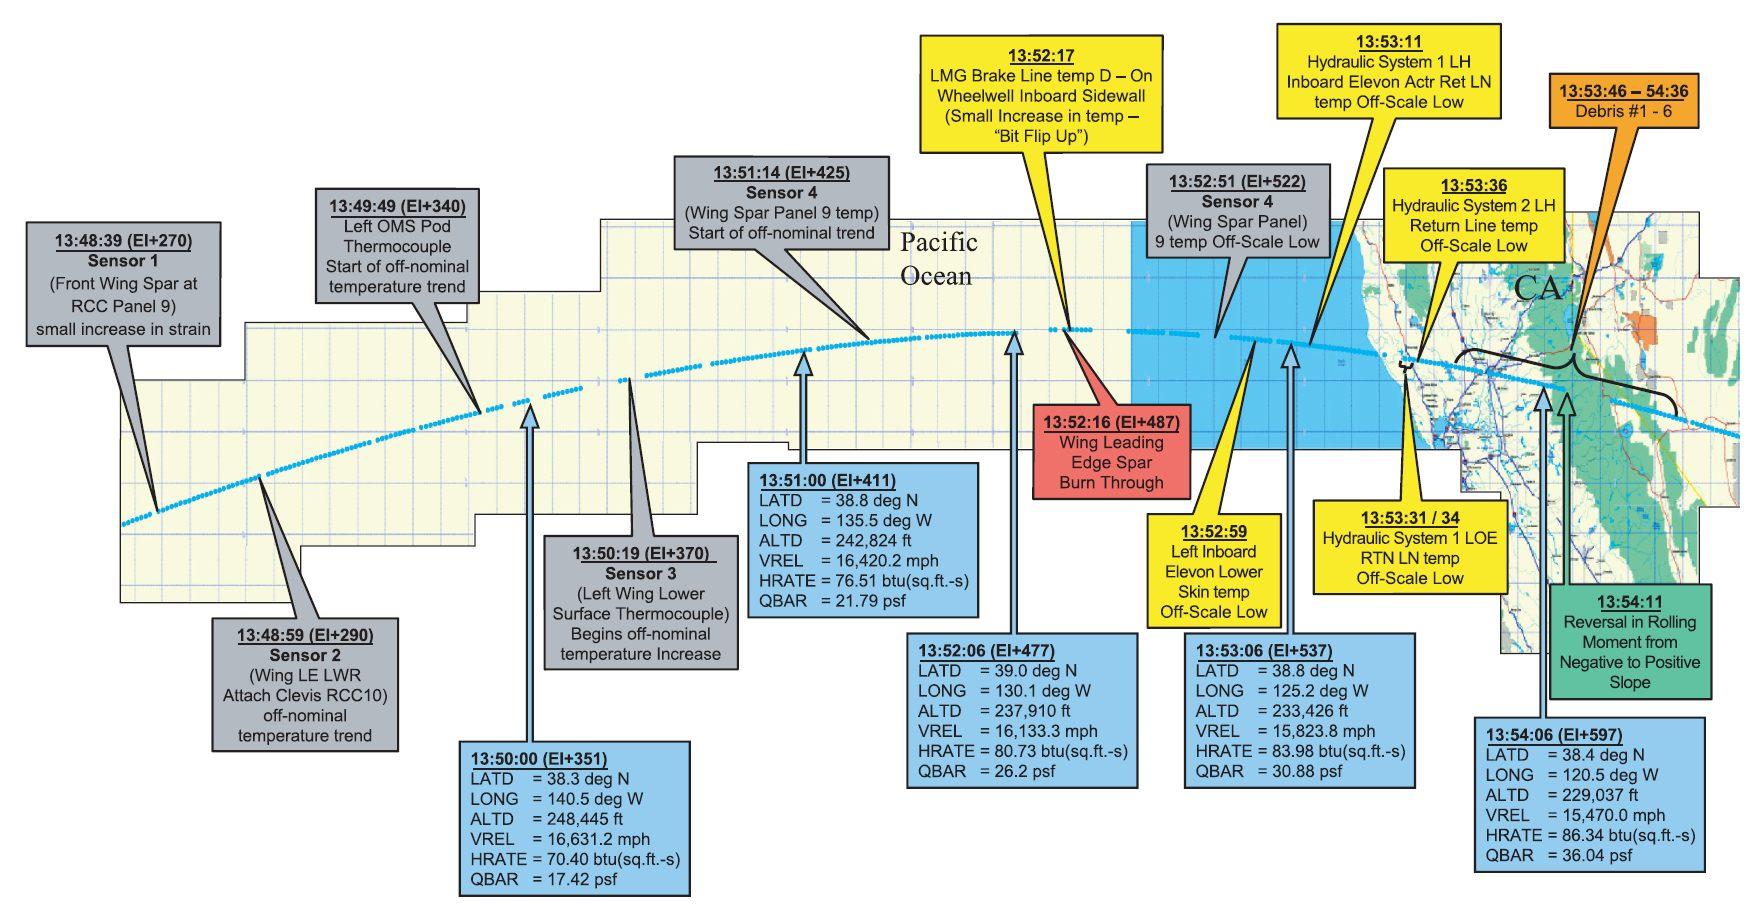 Chronologie de la trajectoire de rentrée de la navette Columbia le 1er février 2003 et des anomalies relevées par la commission d'enquête - CAIB - NASA